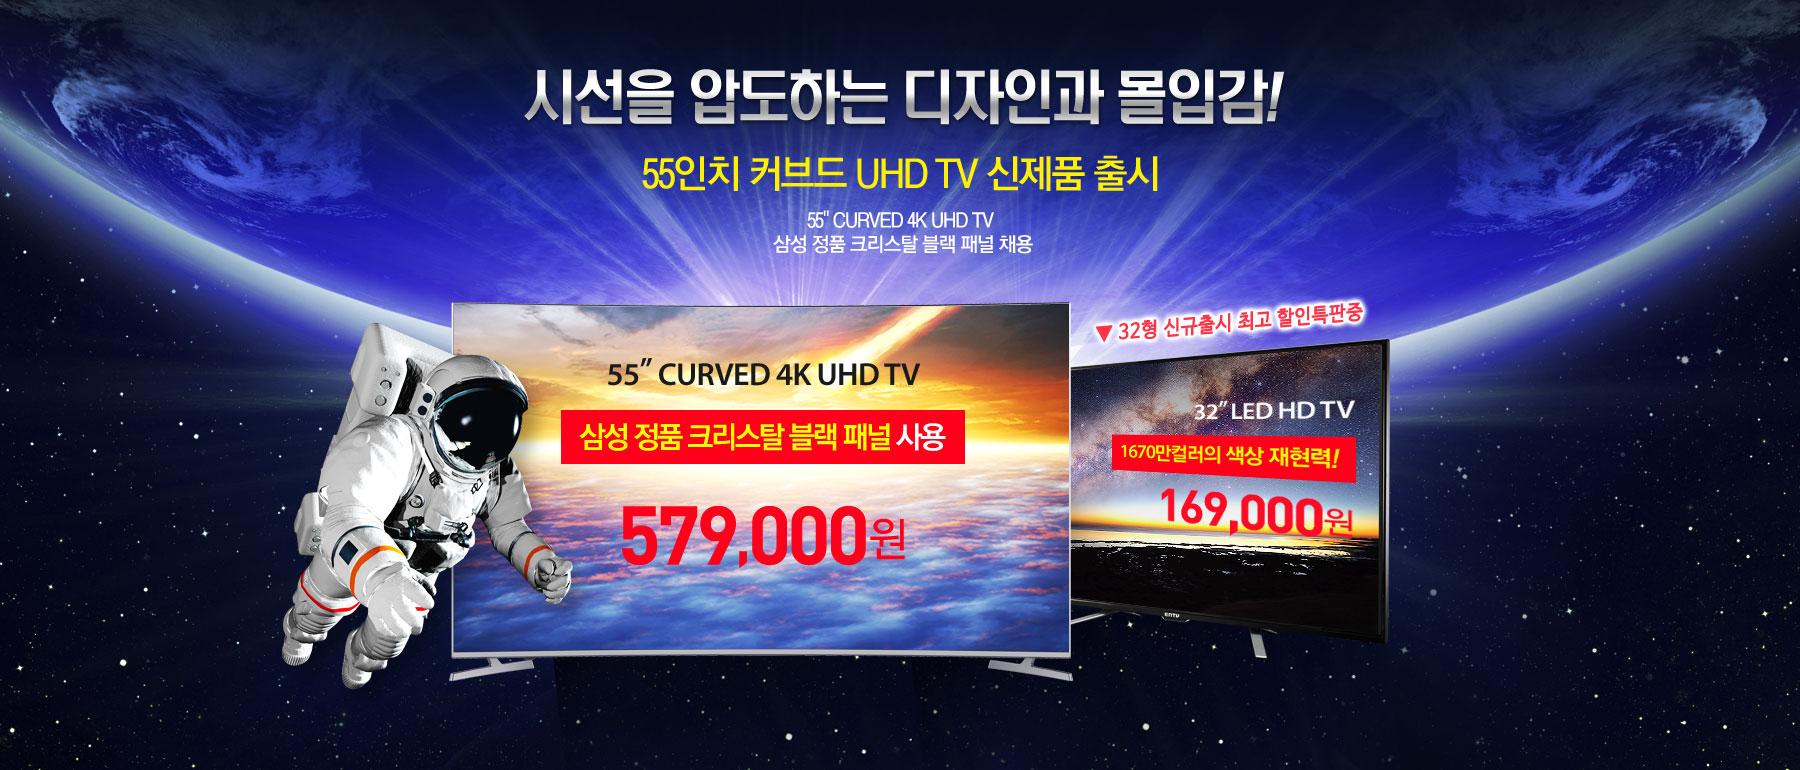 55인치 FULL HD LED TV